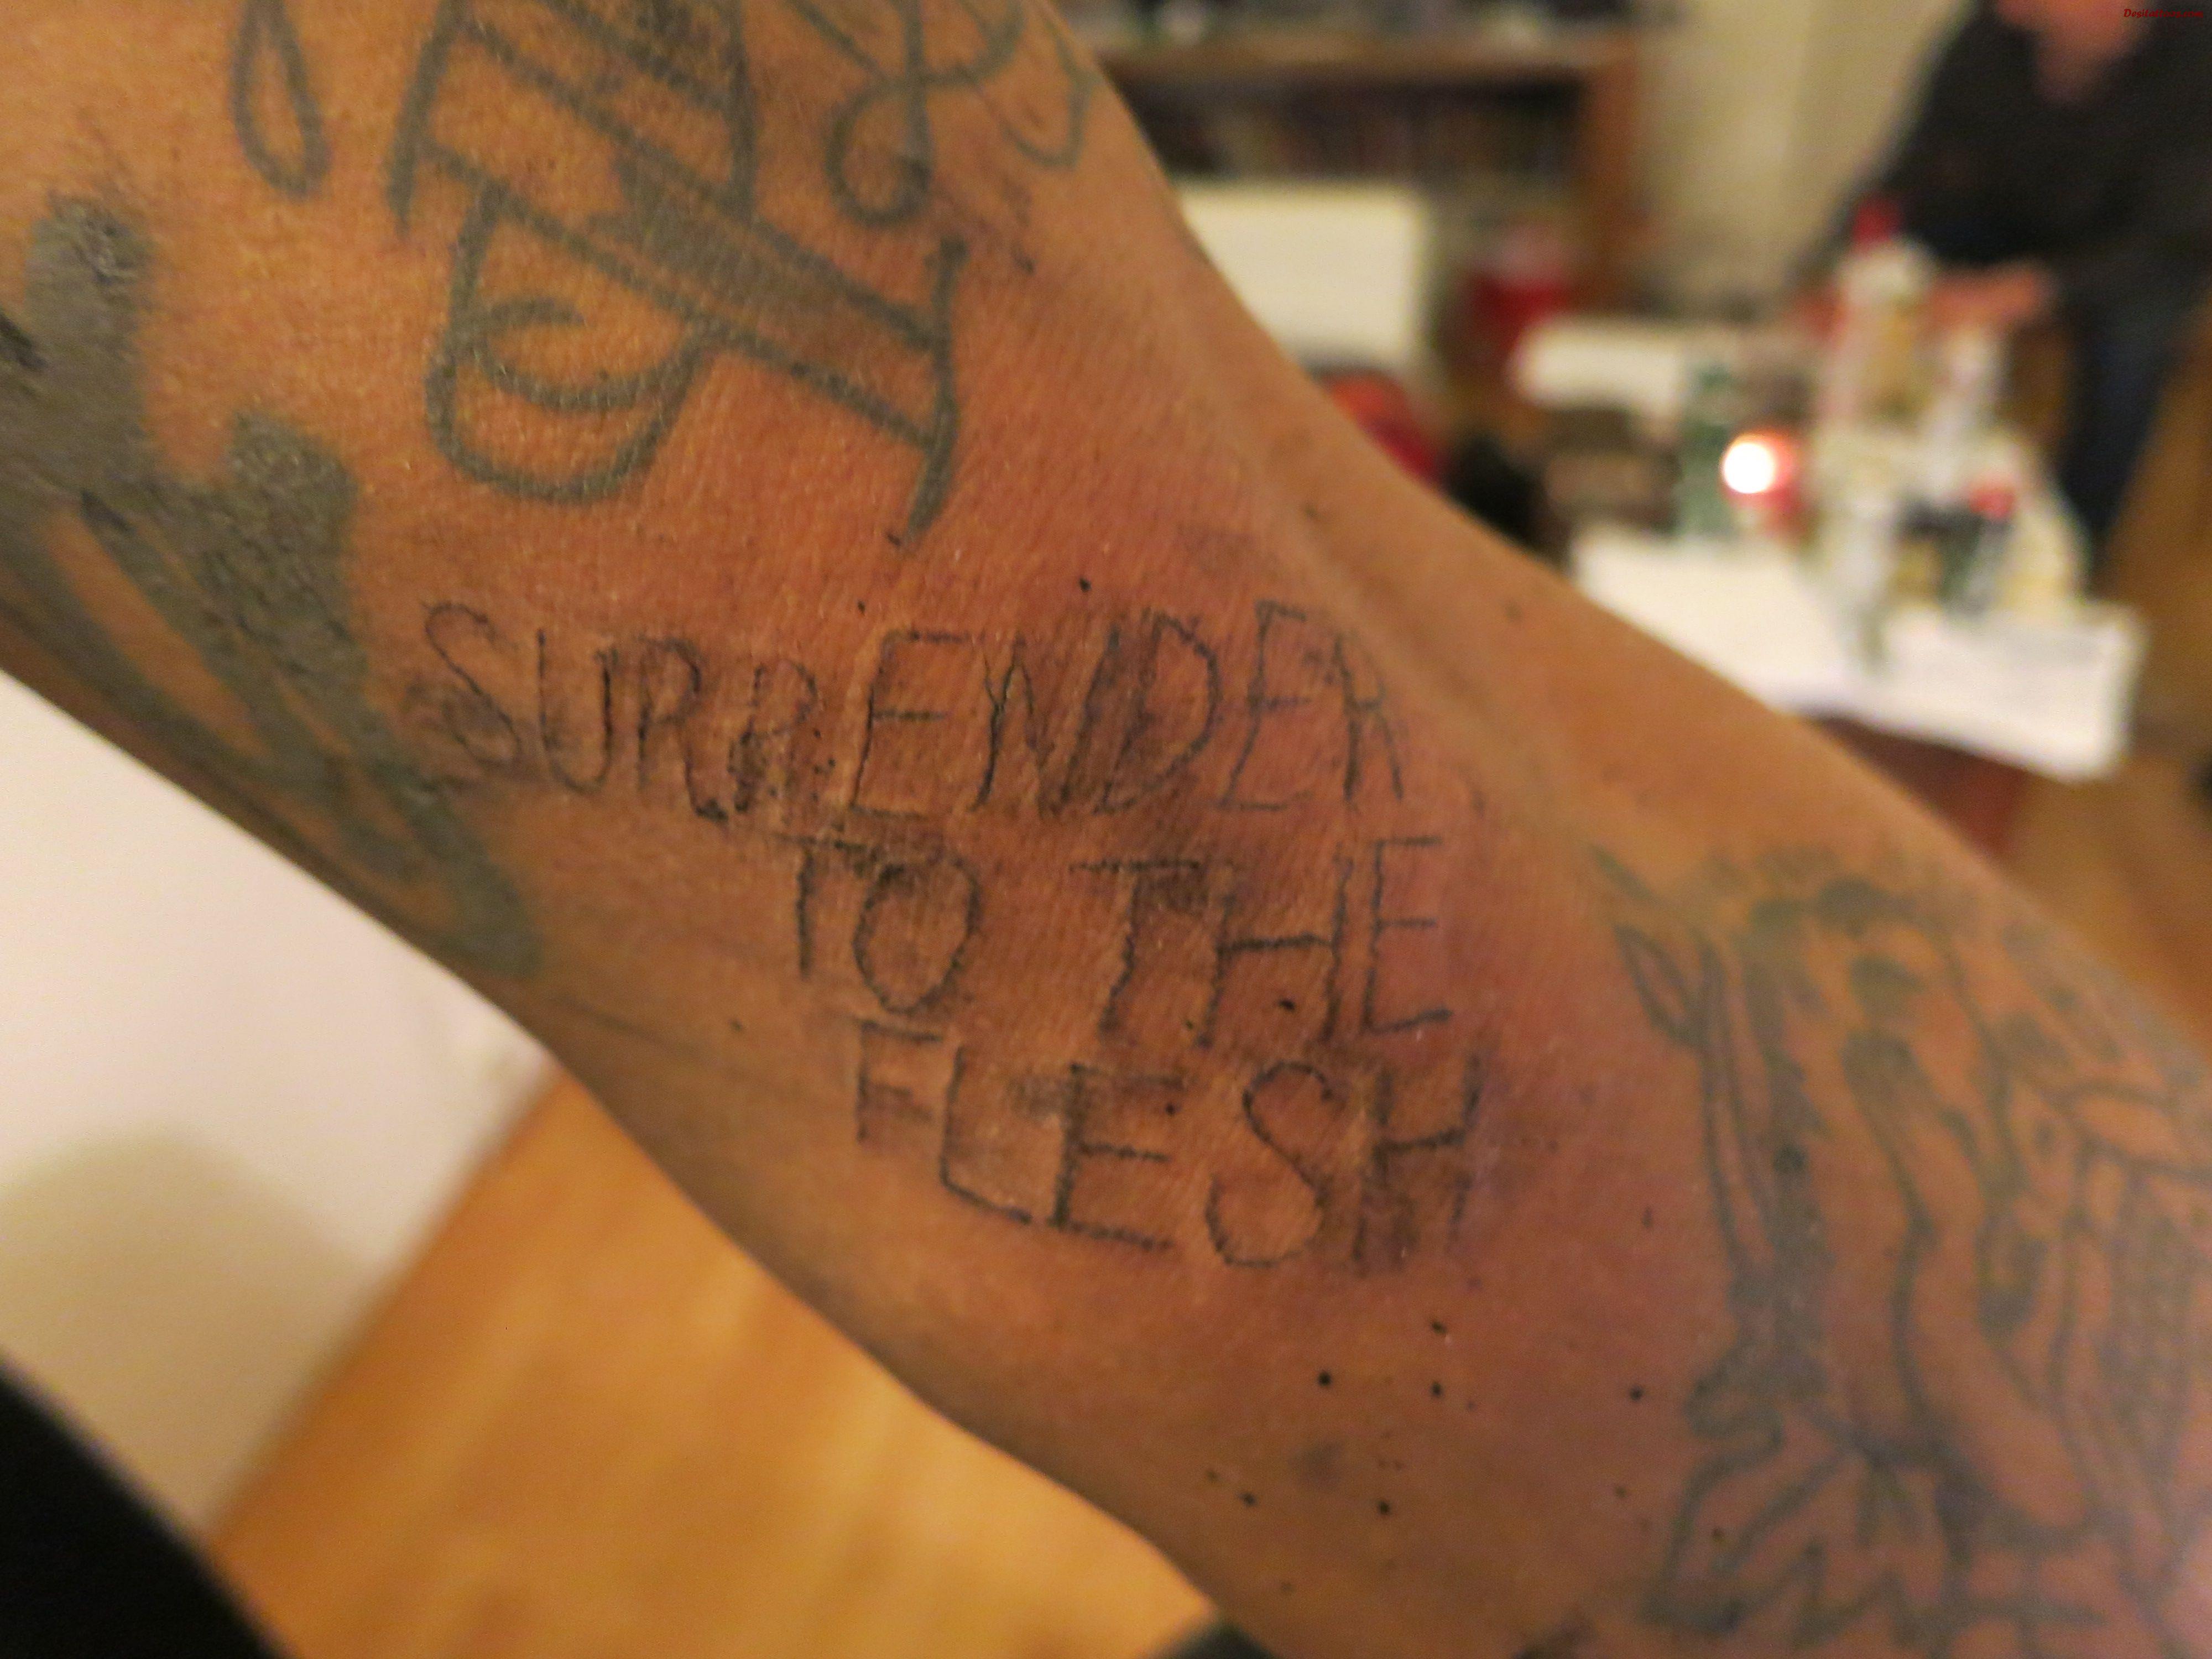 homemade tattoos photo - 18